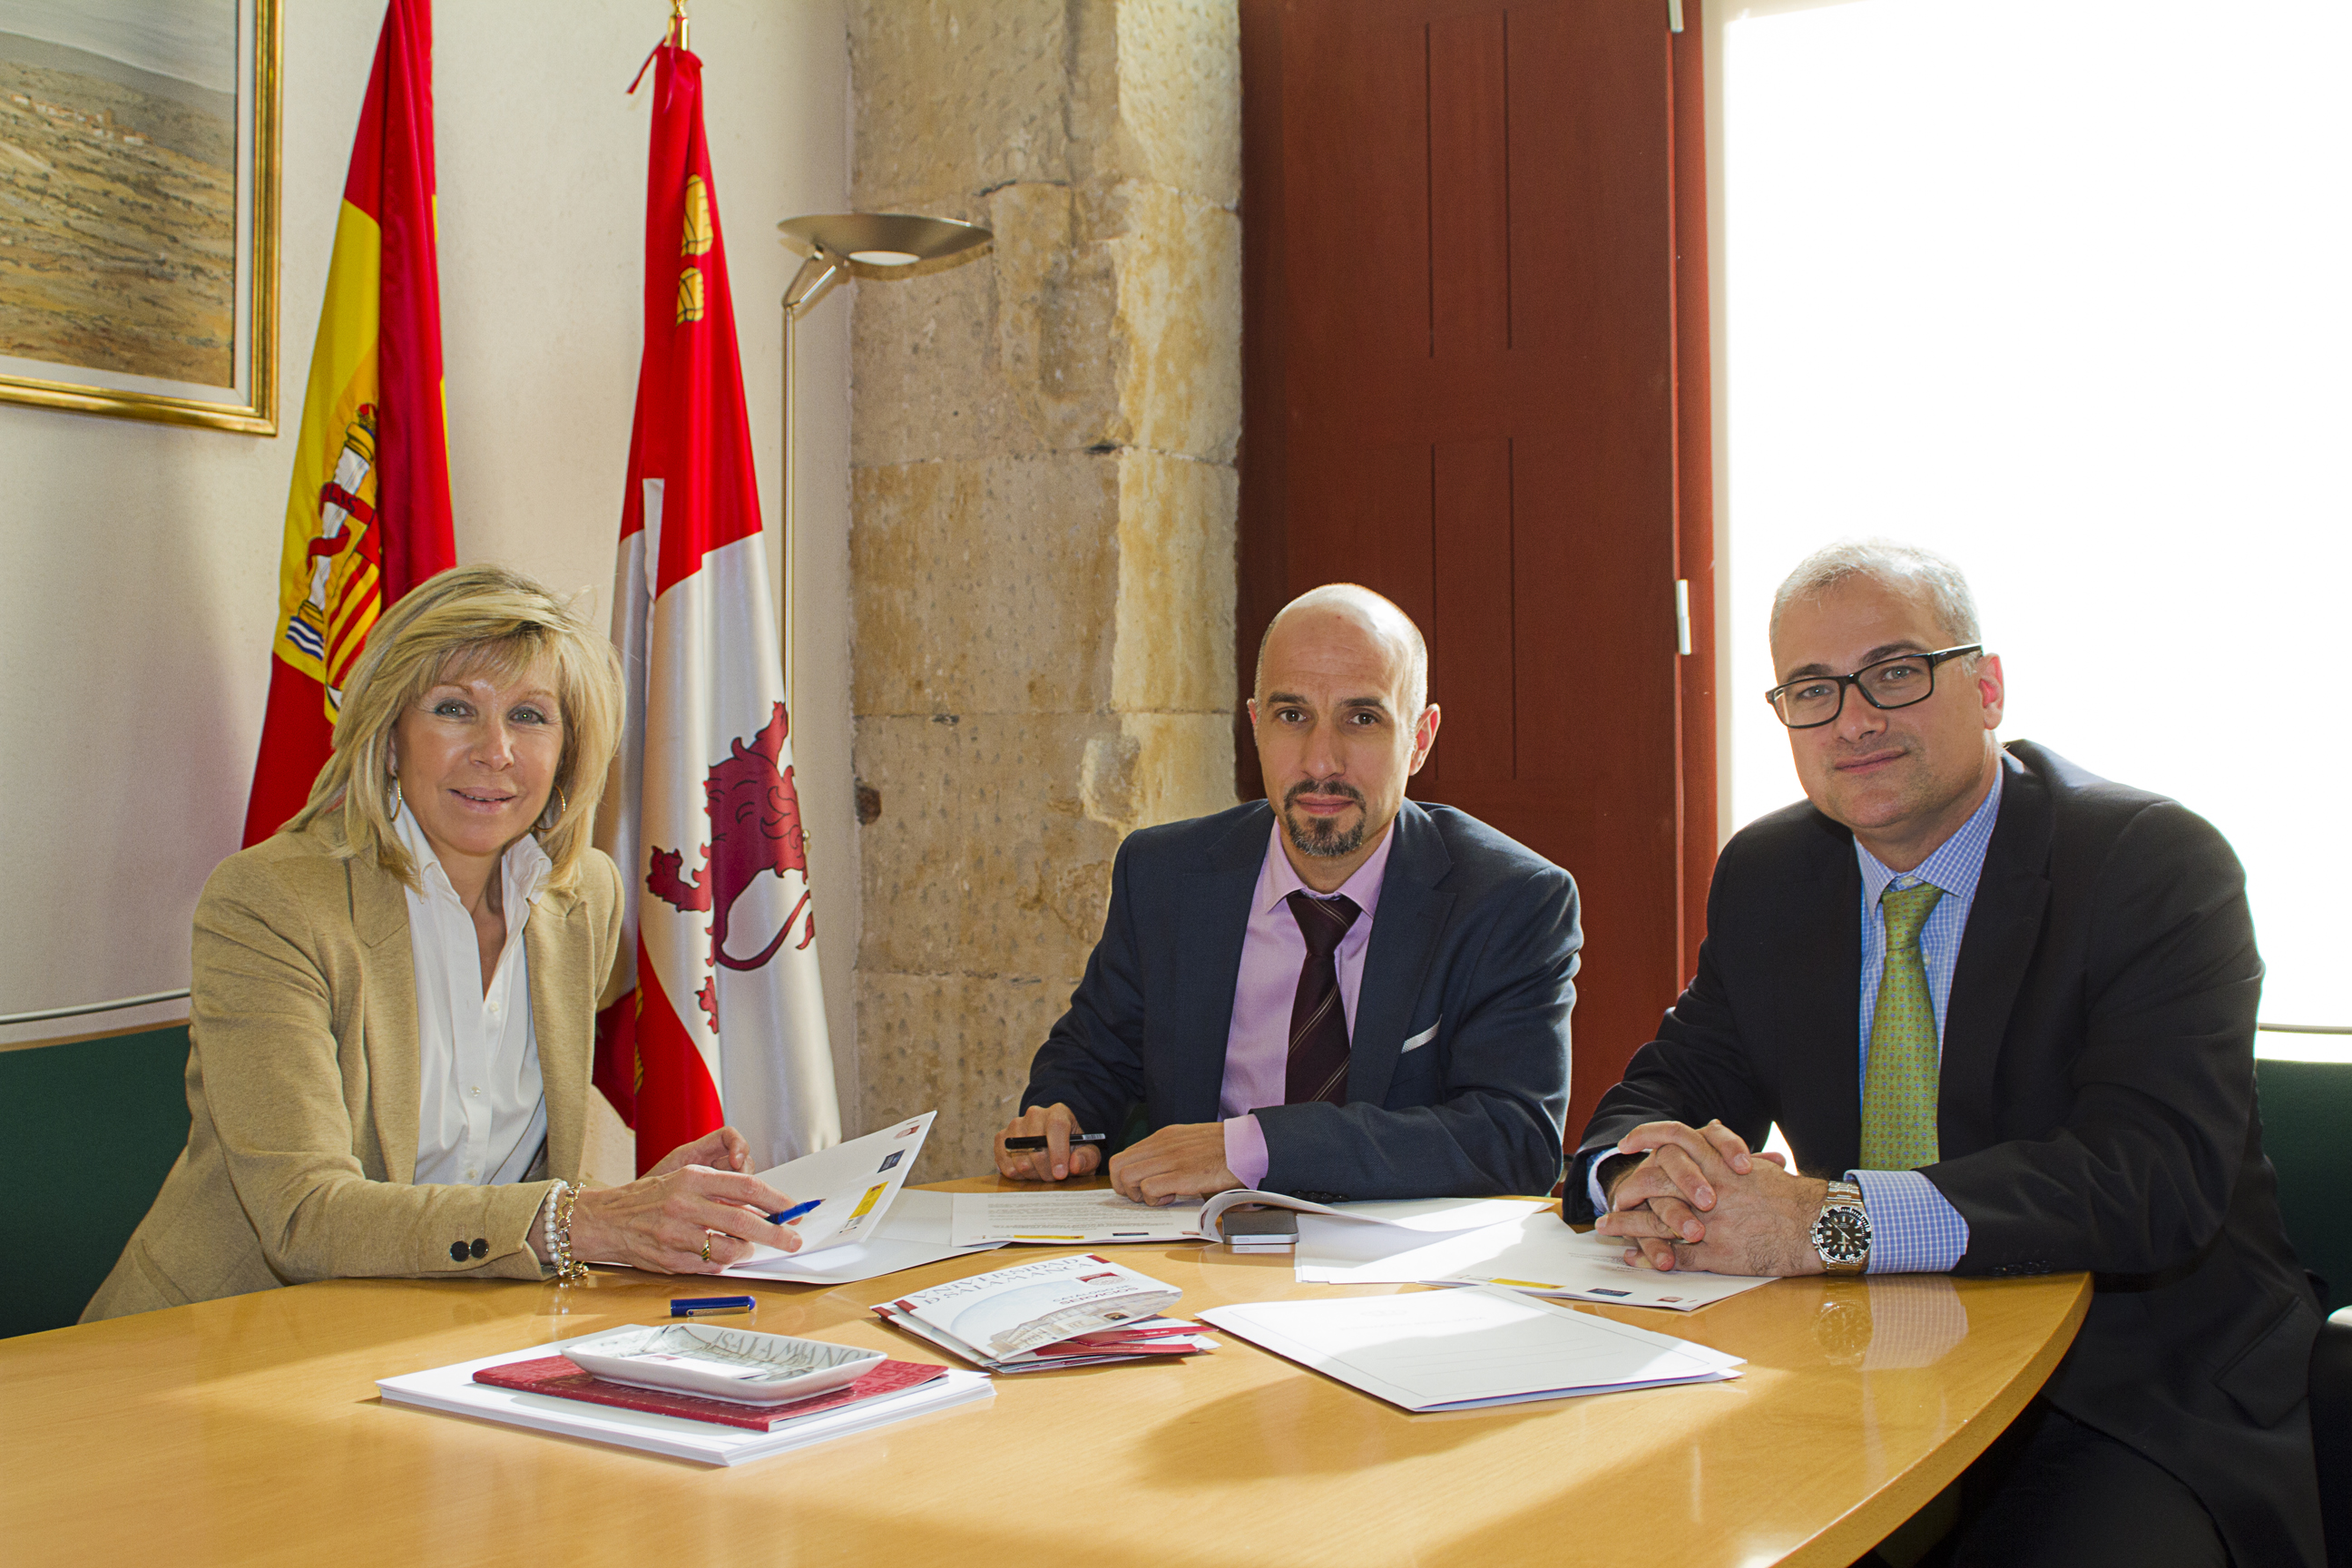 La Fundación General de la Universidad continúa con la gestión y coordinación de las actividades del Espacio Transfronterizo sobre el Envejecimiento